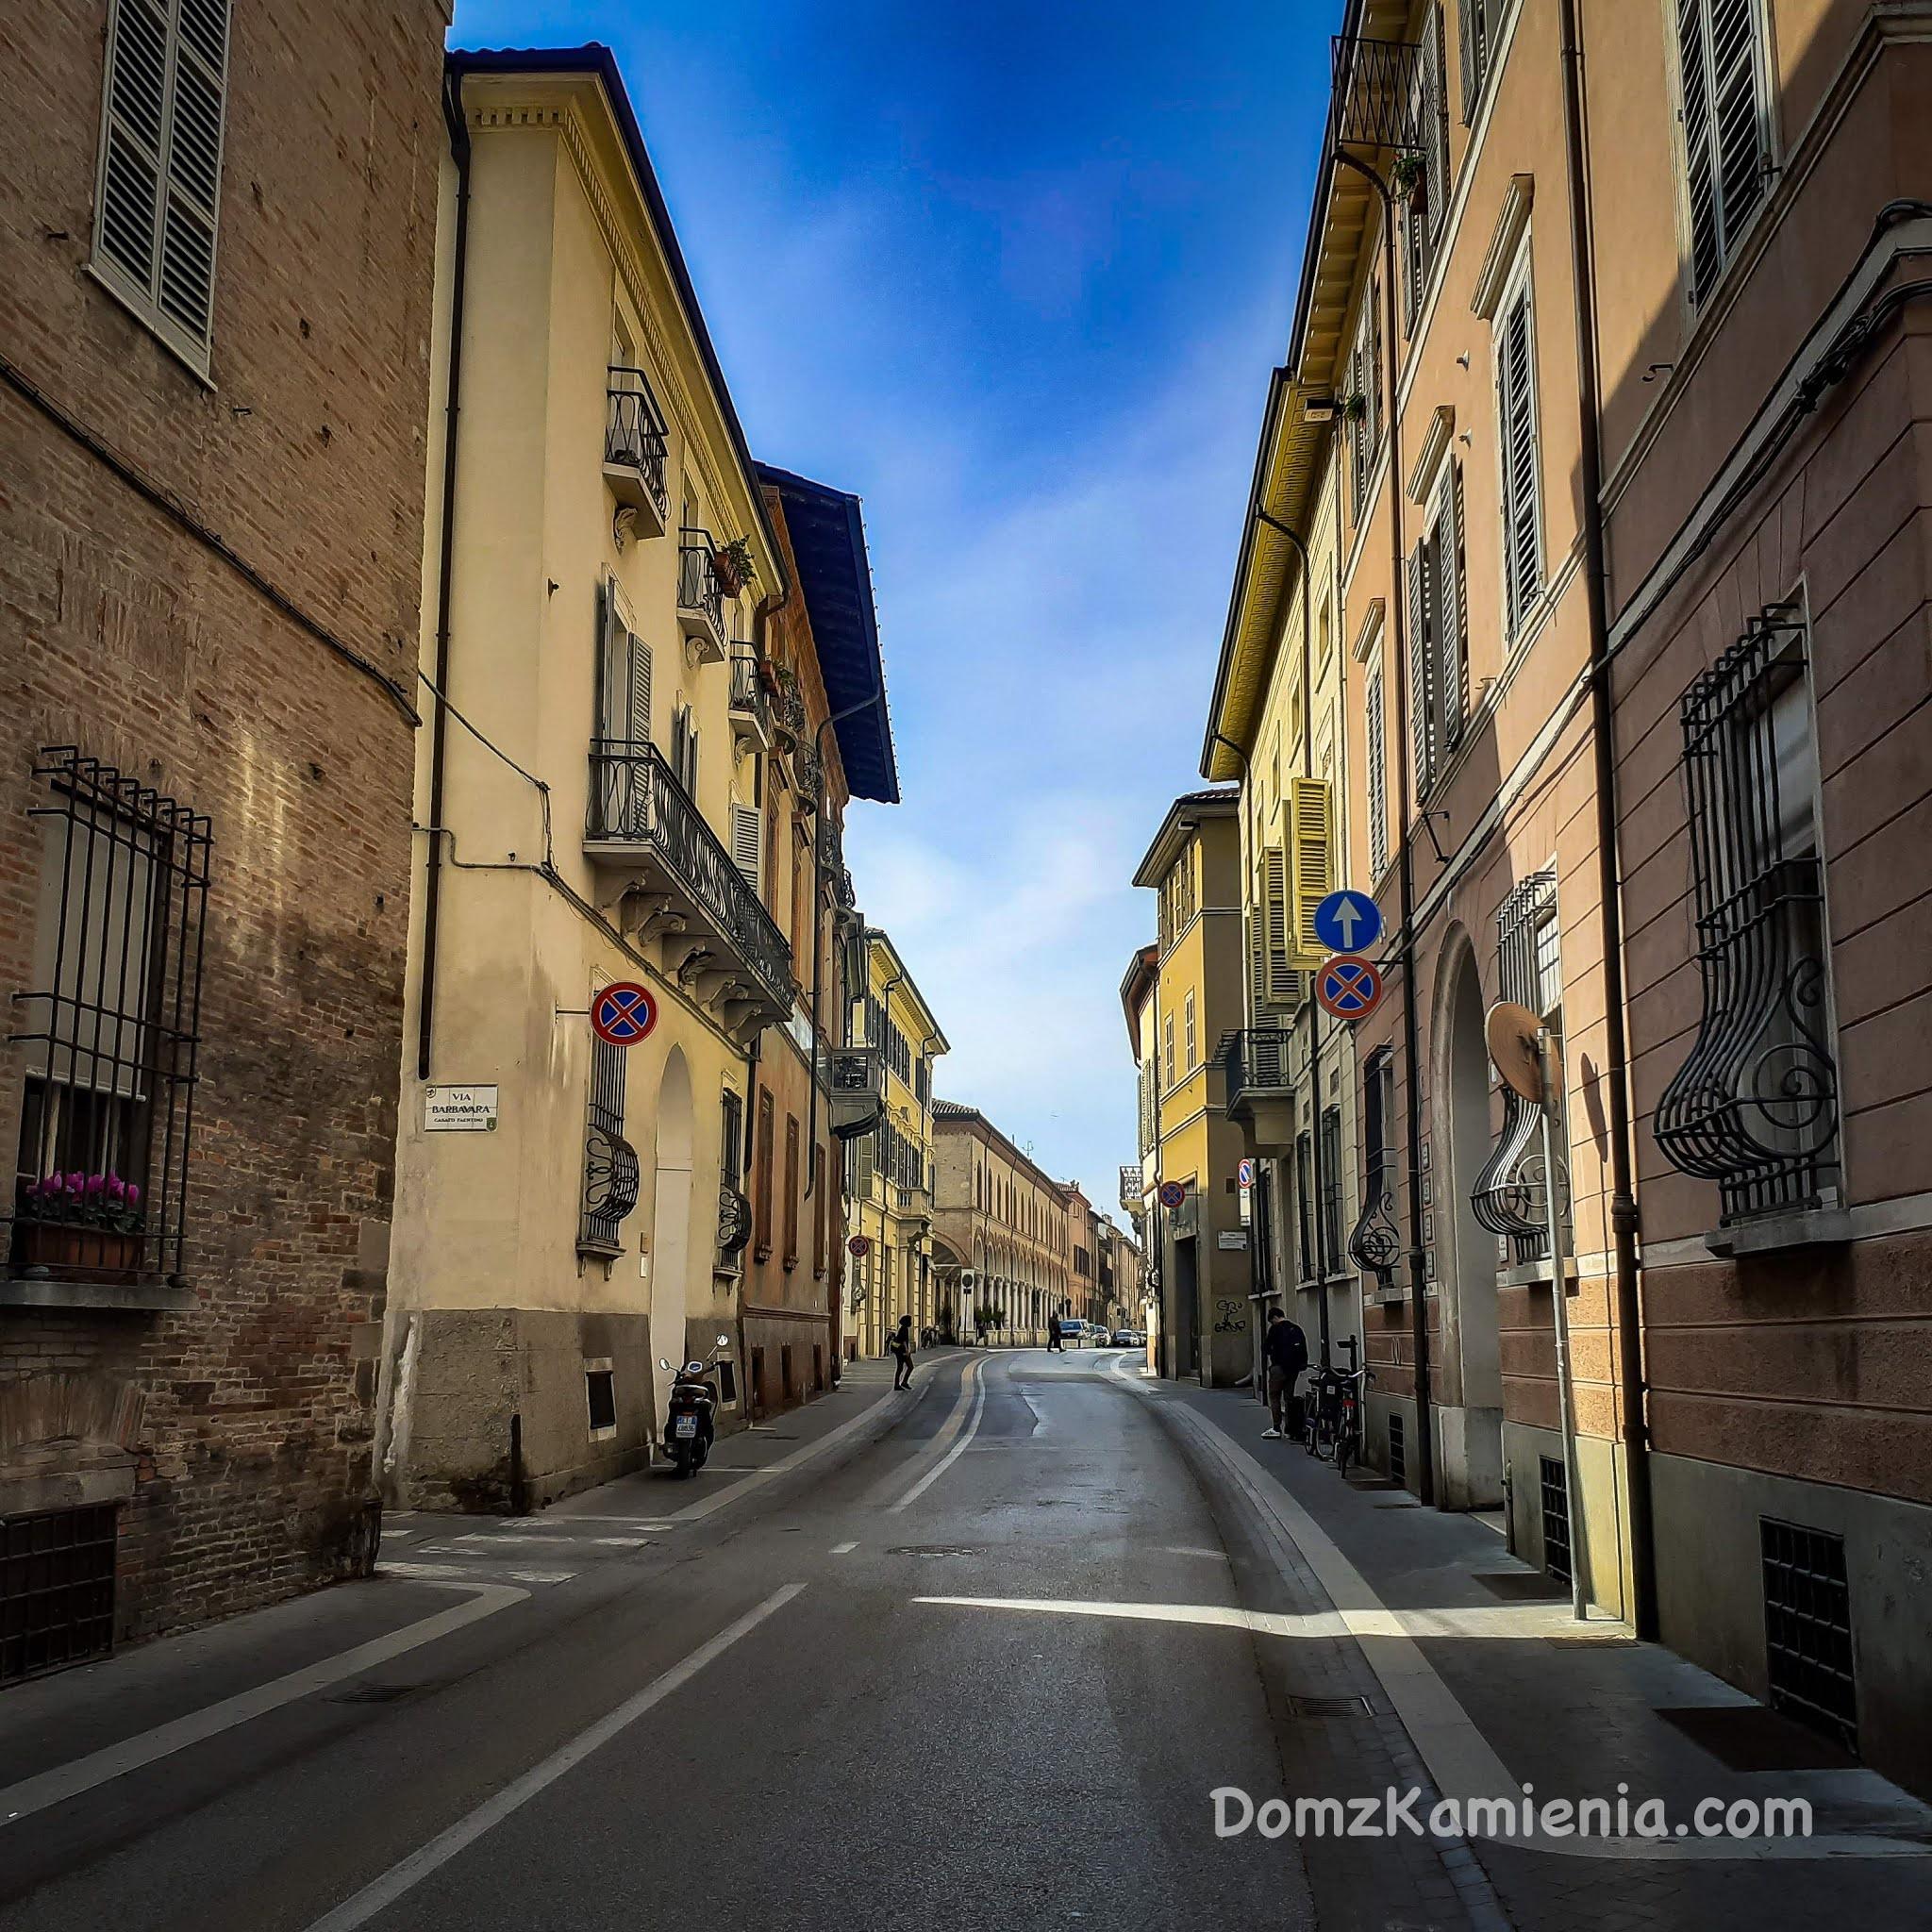 Faenza, Dom z Kamienia blog o życiu we Włoszech